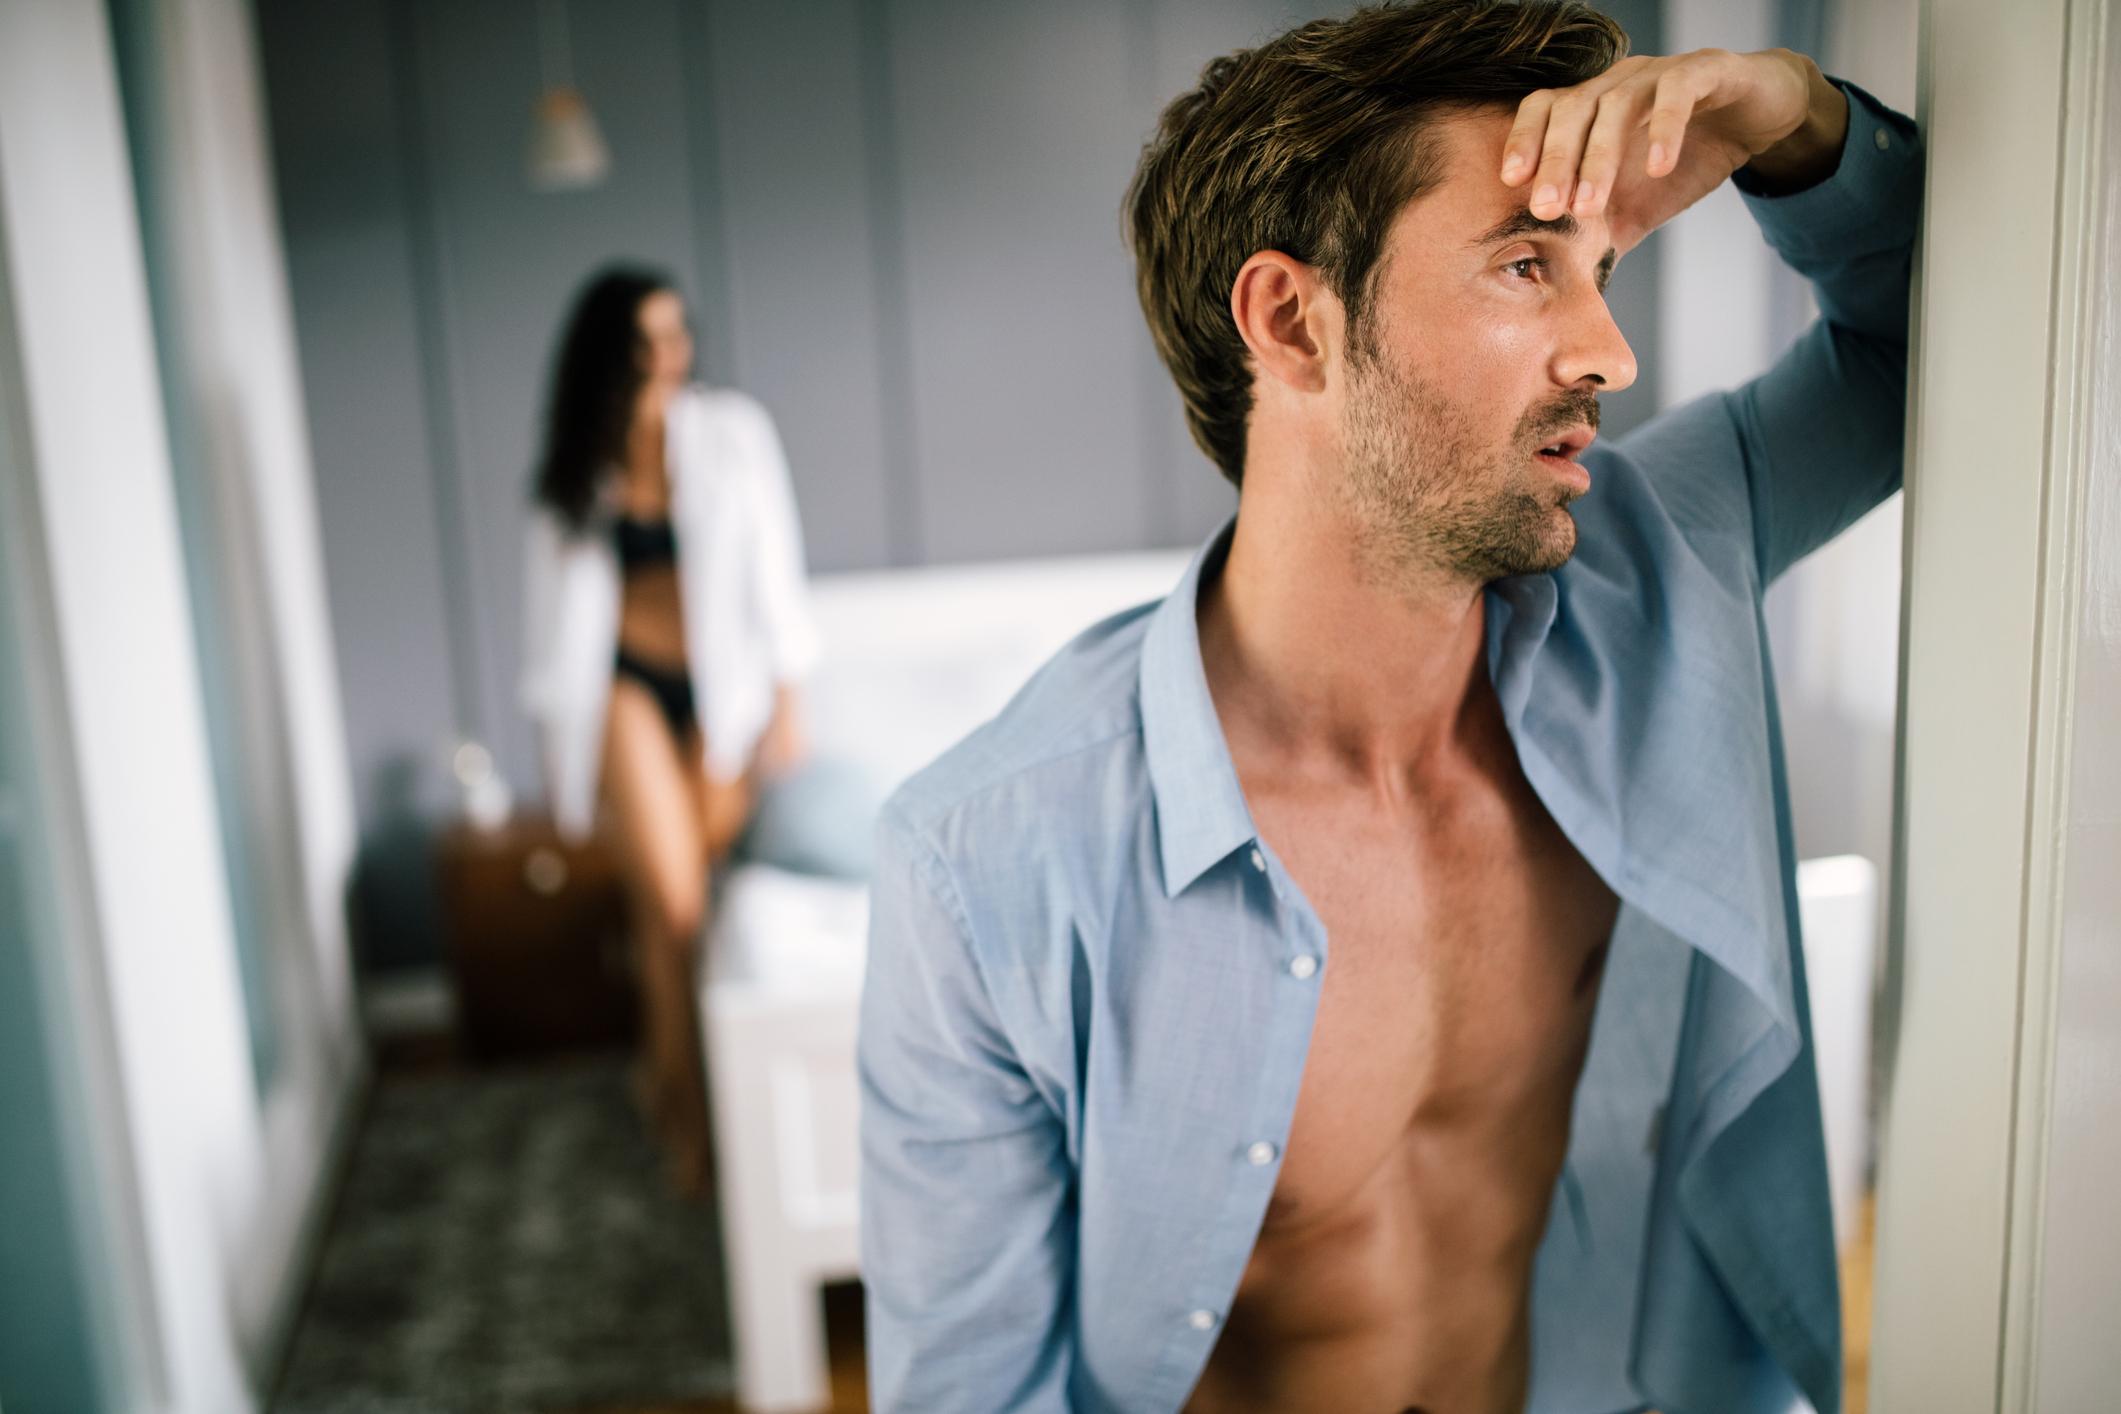 Seksualna rutina i dosada također može dovesti do problema s erekcijom.